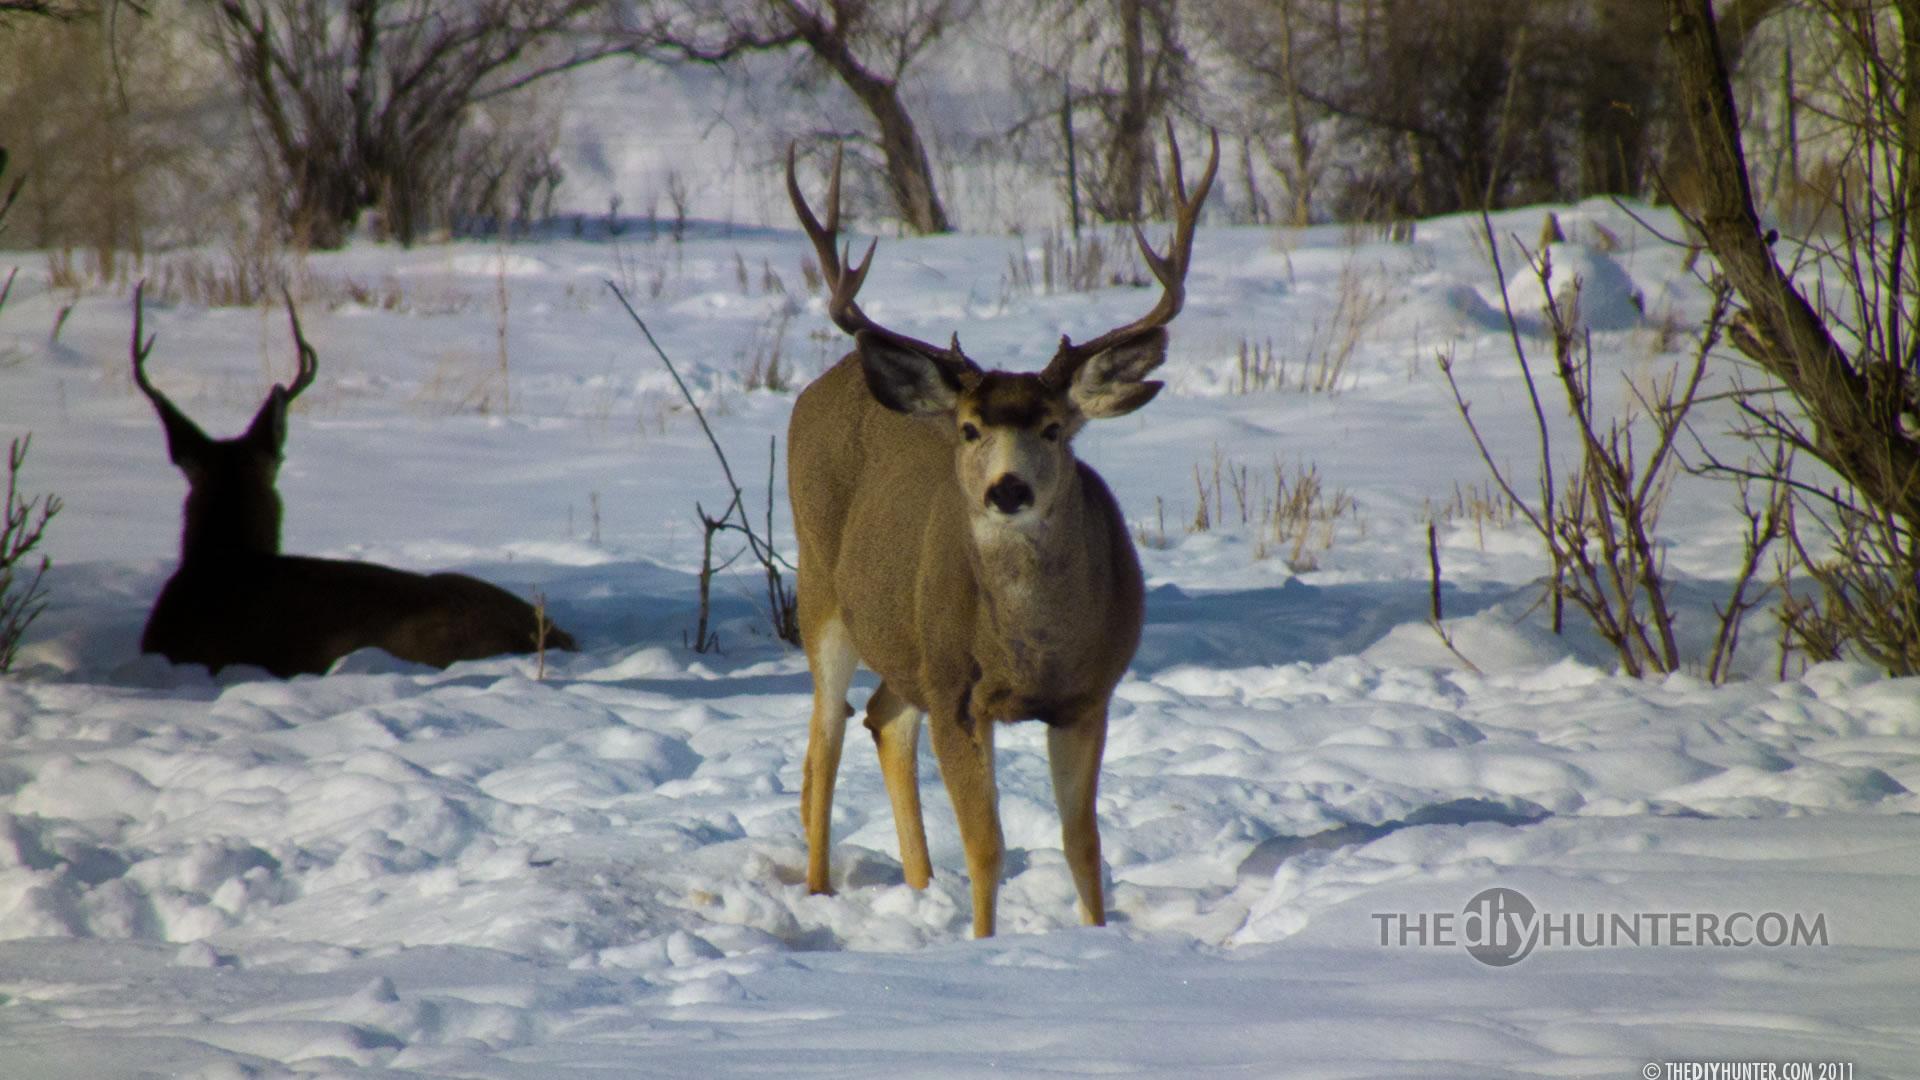 Hunting wallpapers and backgrounds wallpapersafari - Free deer hunting screensavers ...